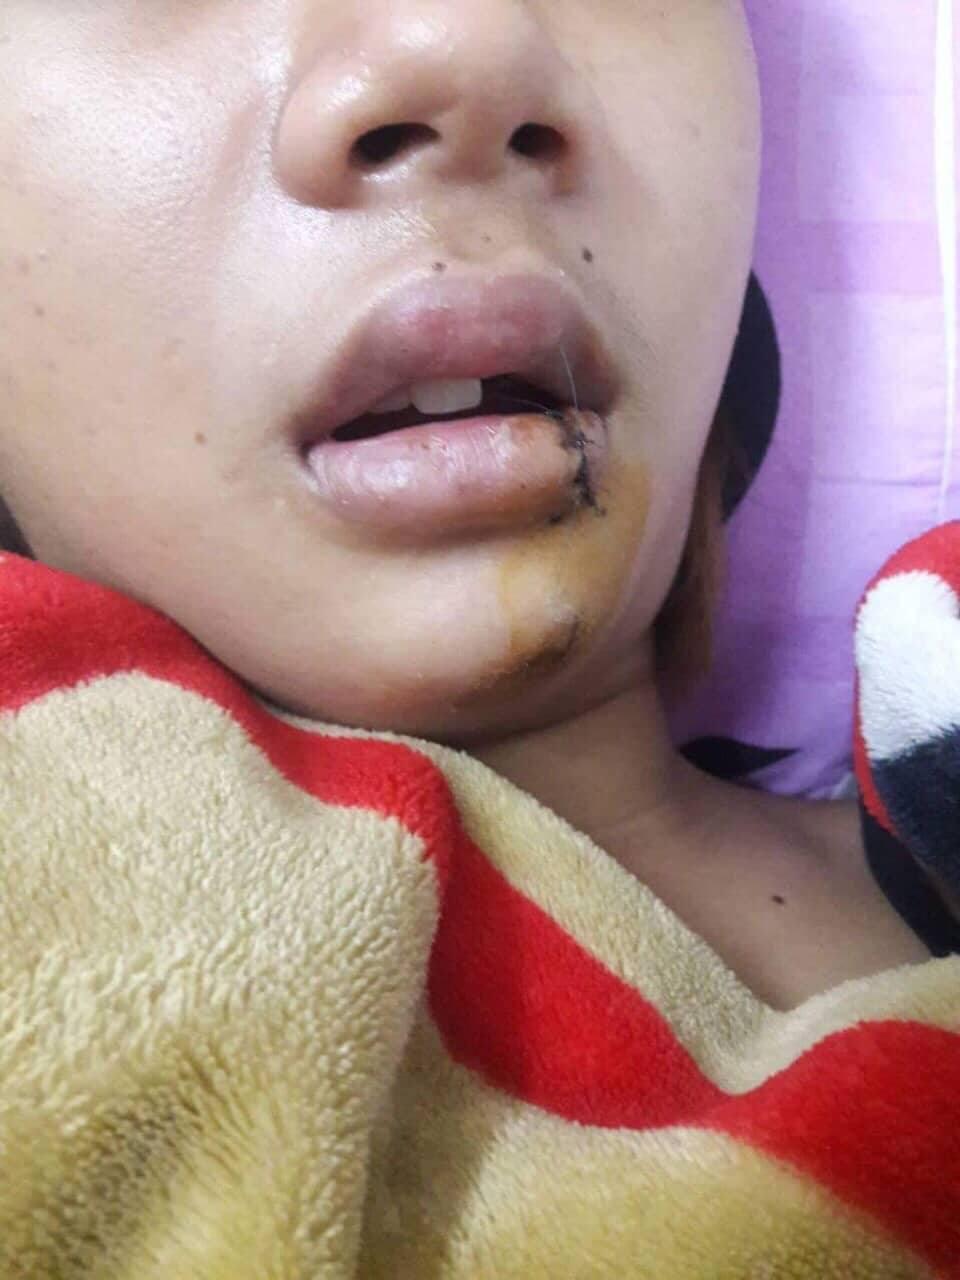 Thiếu nữ 14 tuổi bị nhóm thanh niên truy sát giữa đêm ở Sài Gòn 2